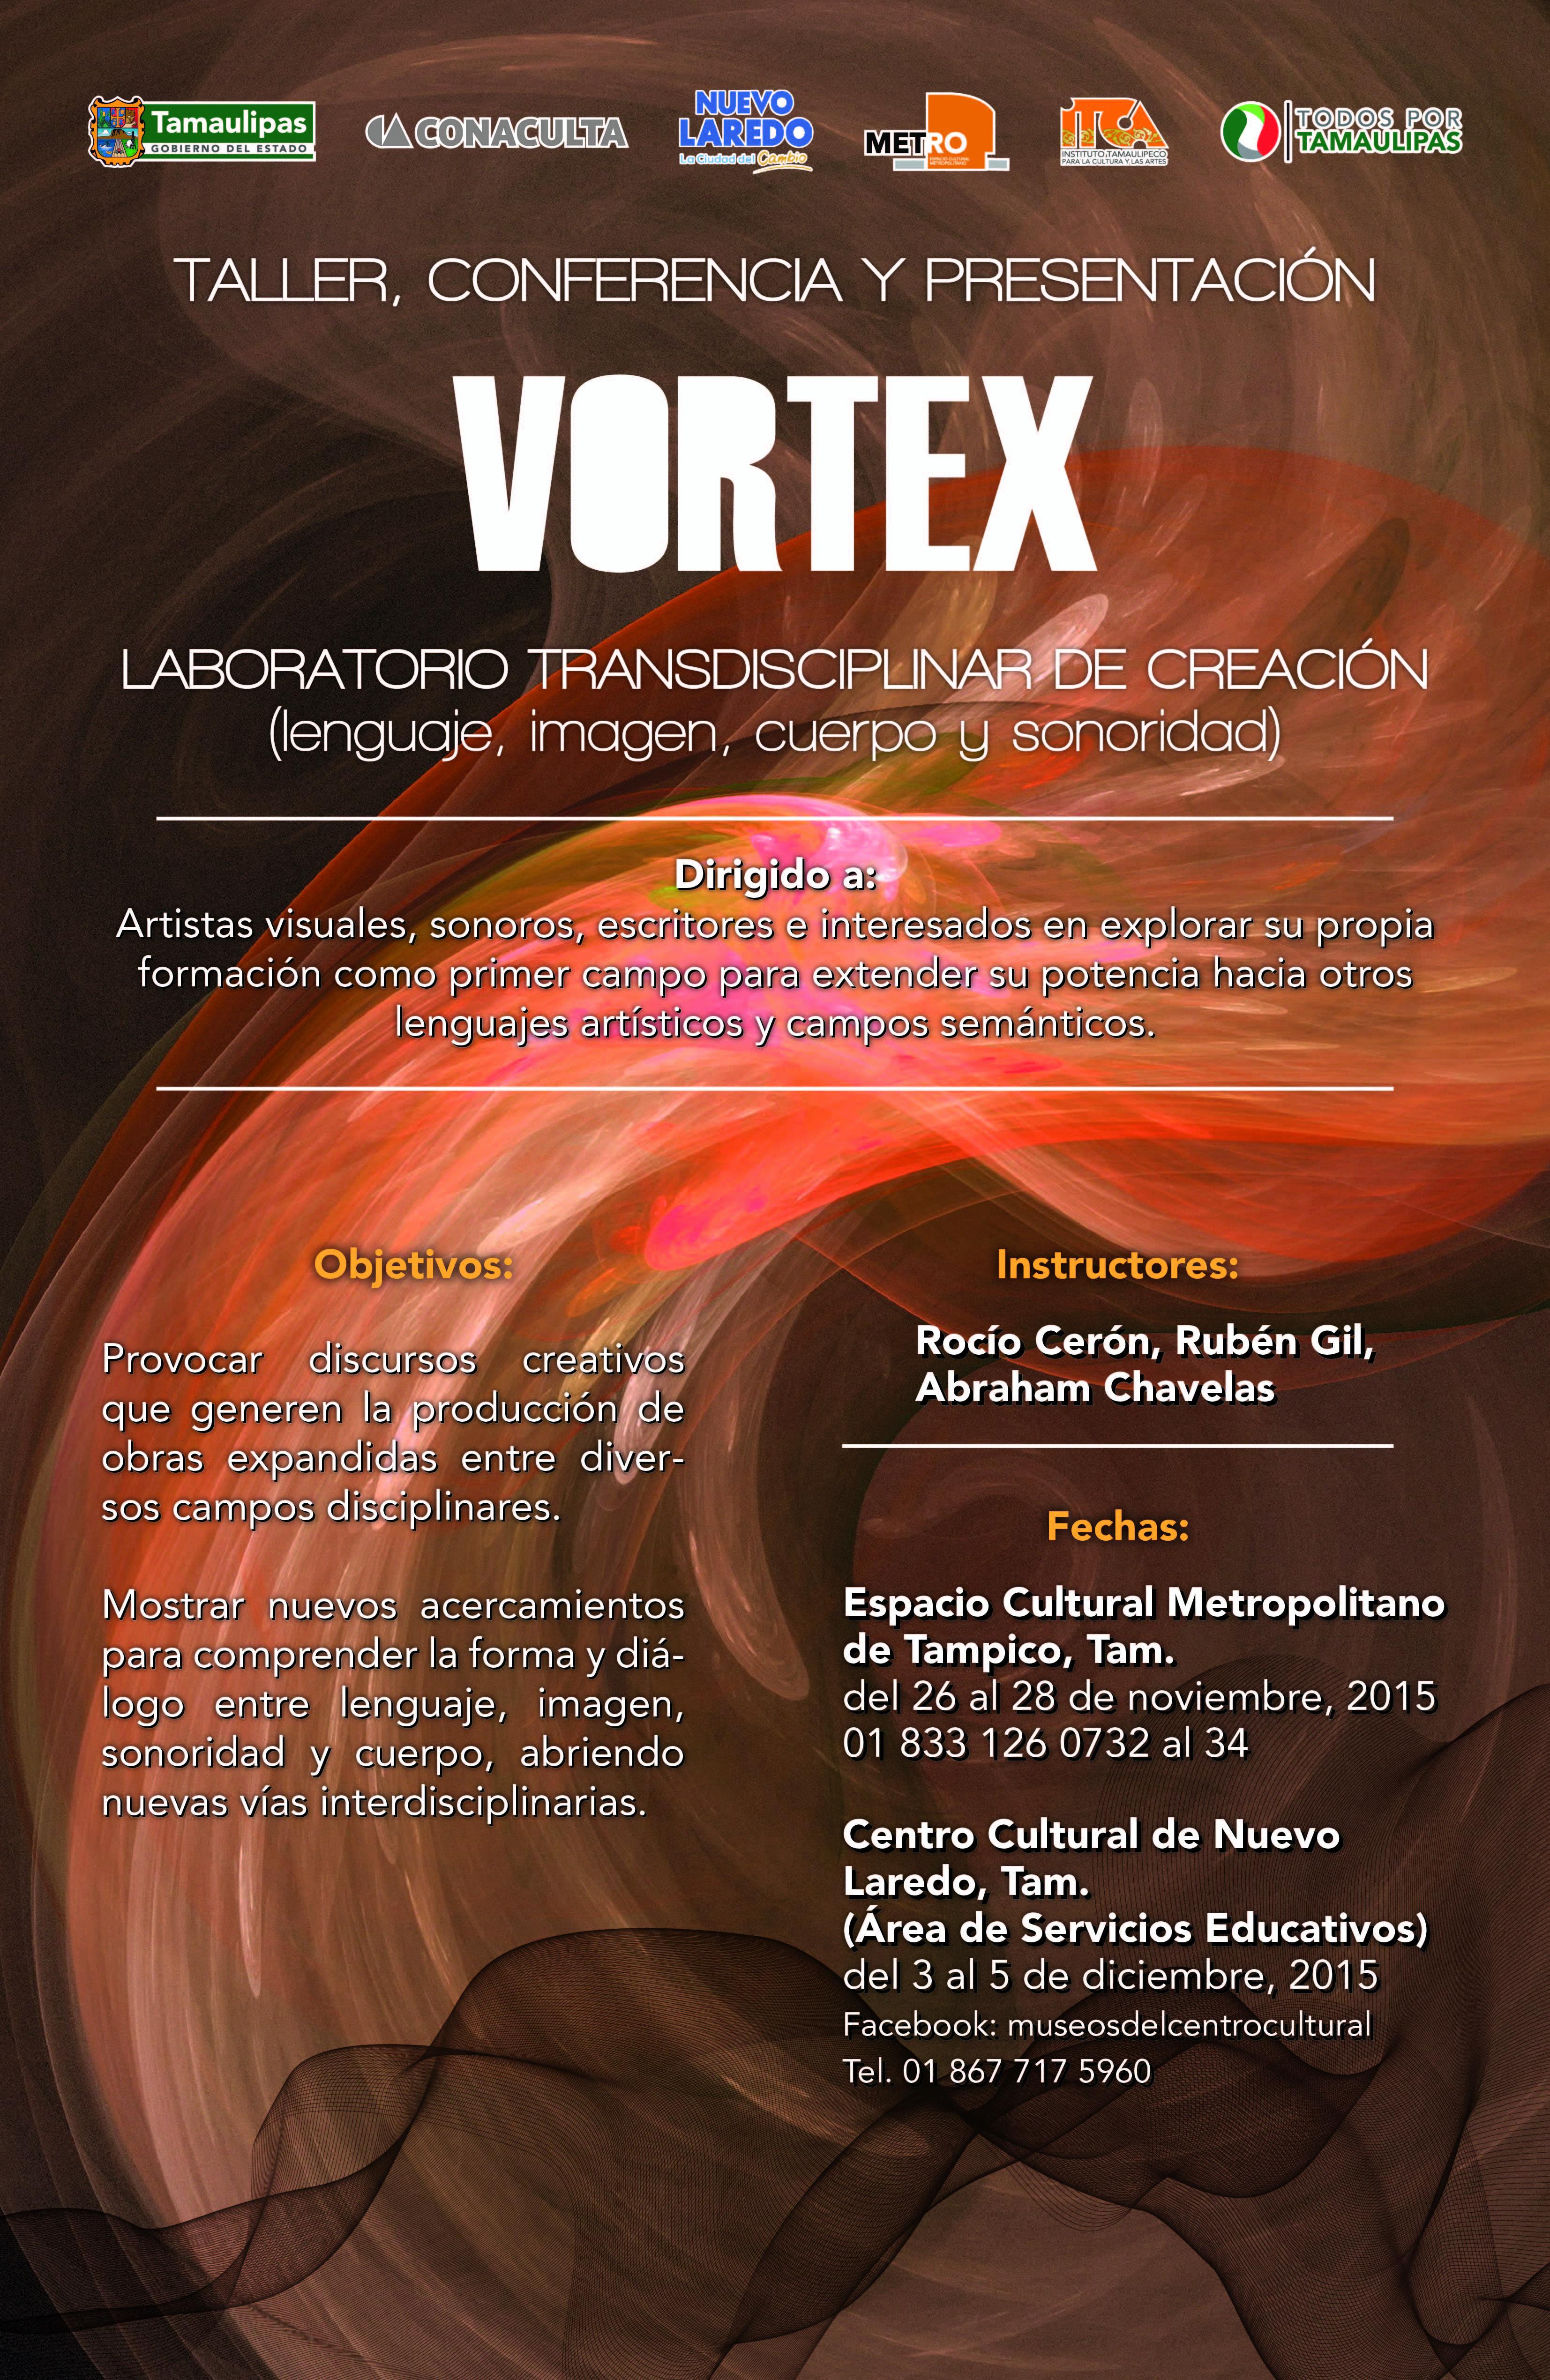 FLYER VORTEX(2)